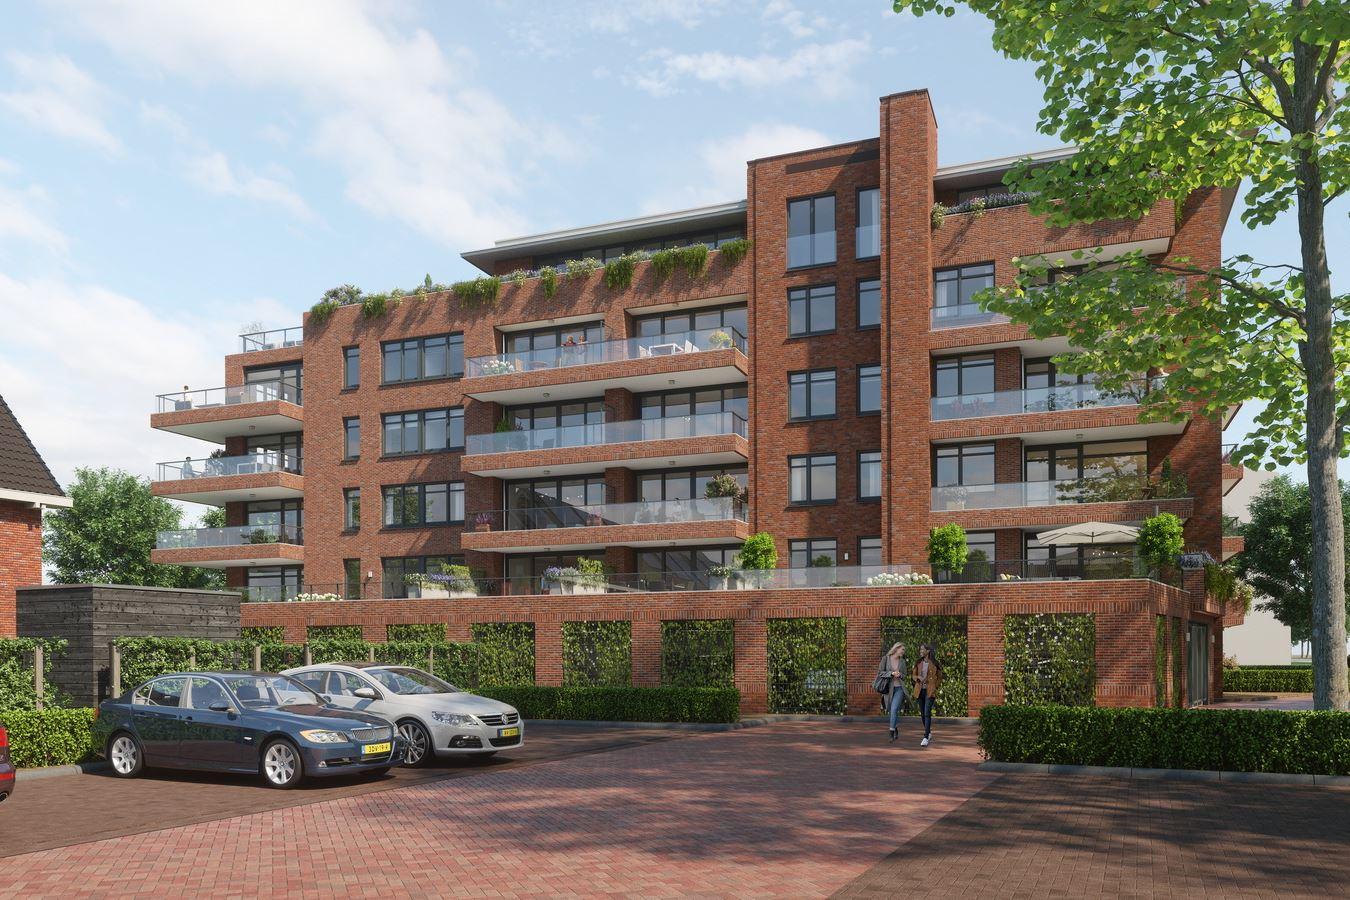 Bekijk foto 1 van Quatrebras Park Quartier II - appartementen (Bouwnr. 7)